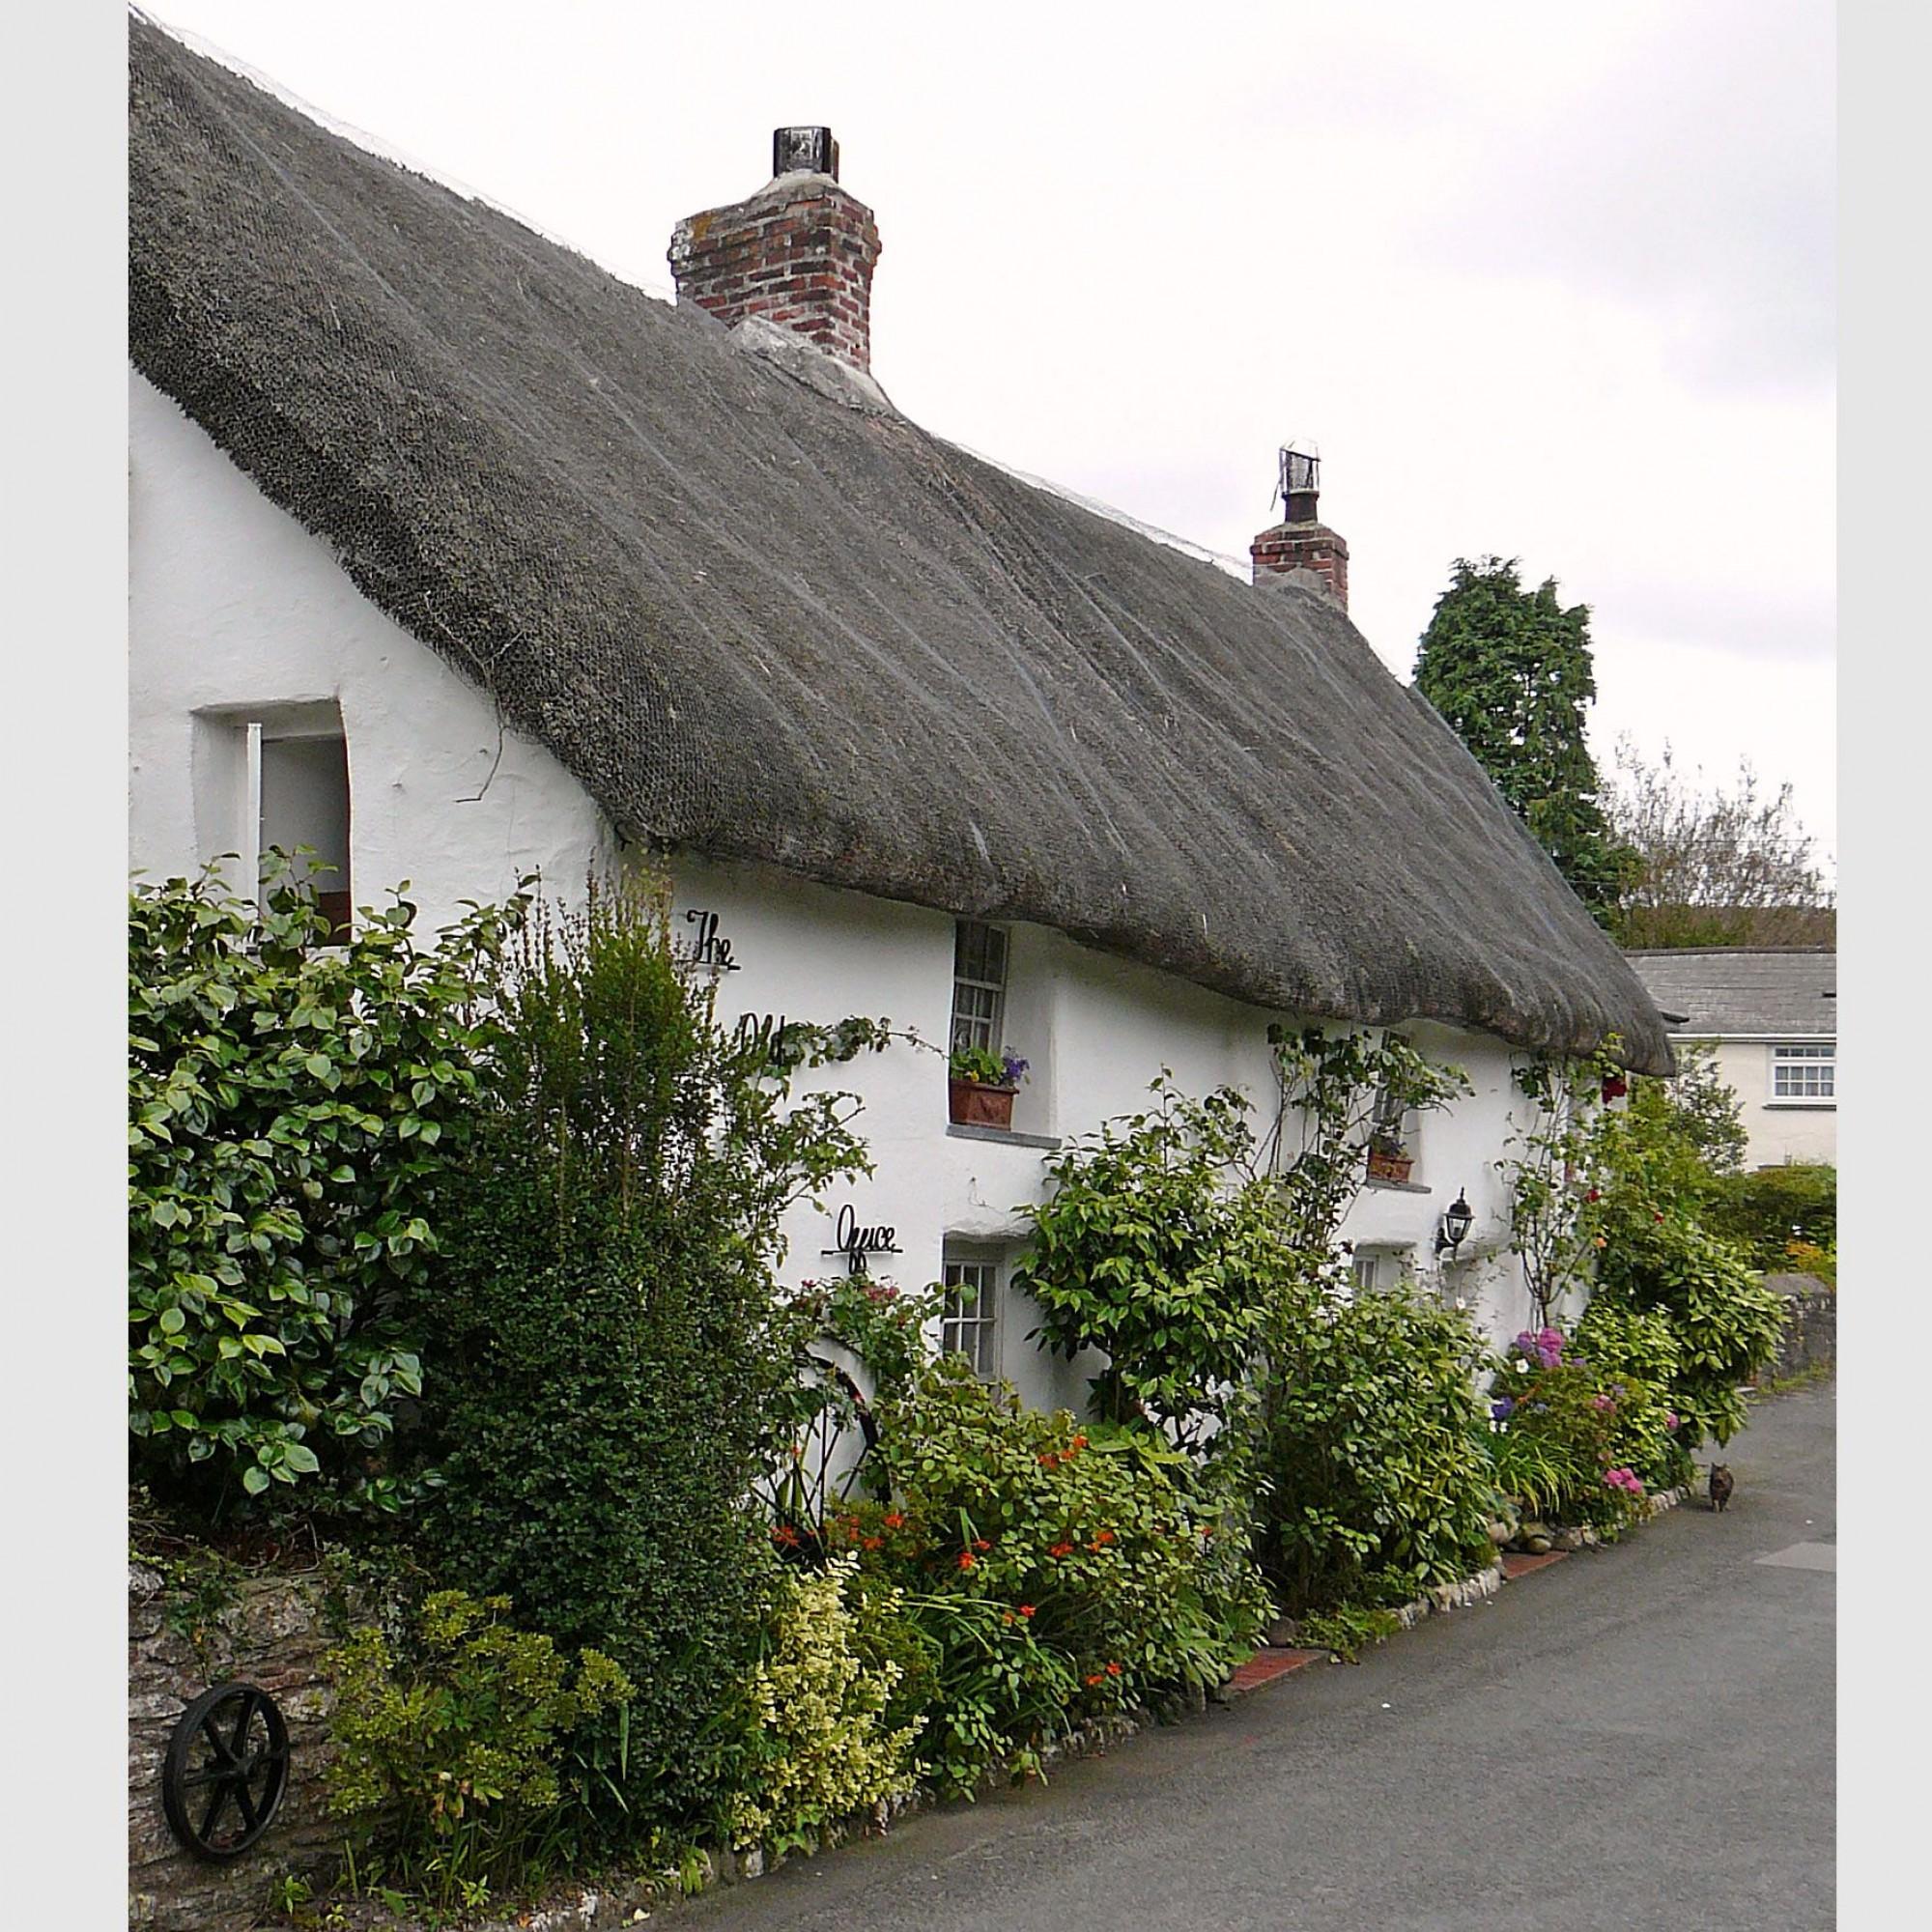 Alte Poststelle von Feock, Cornwall